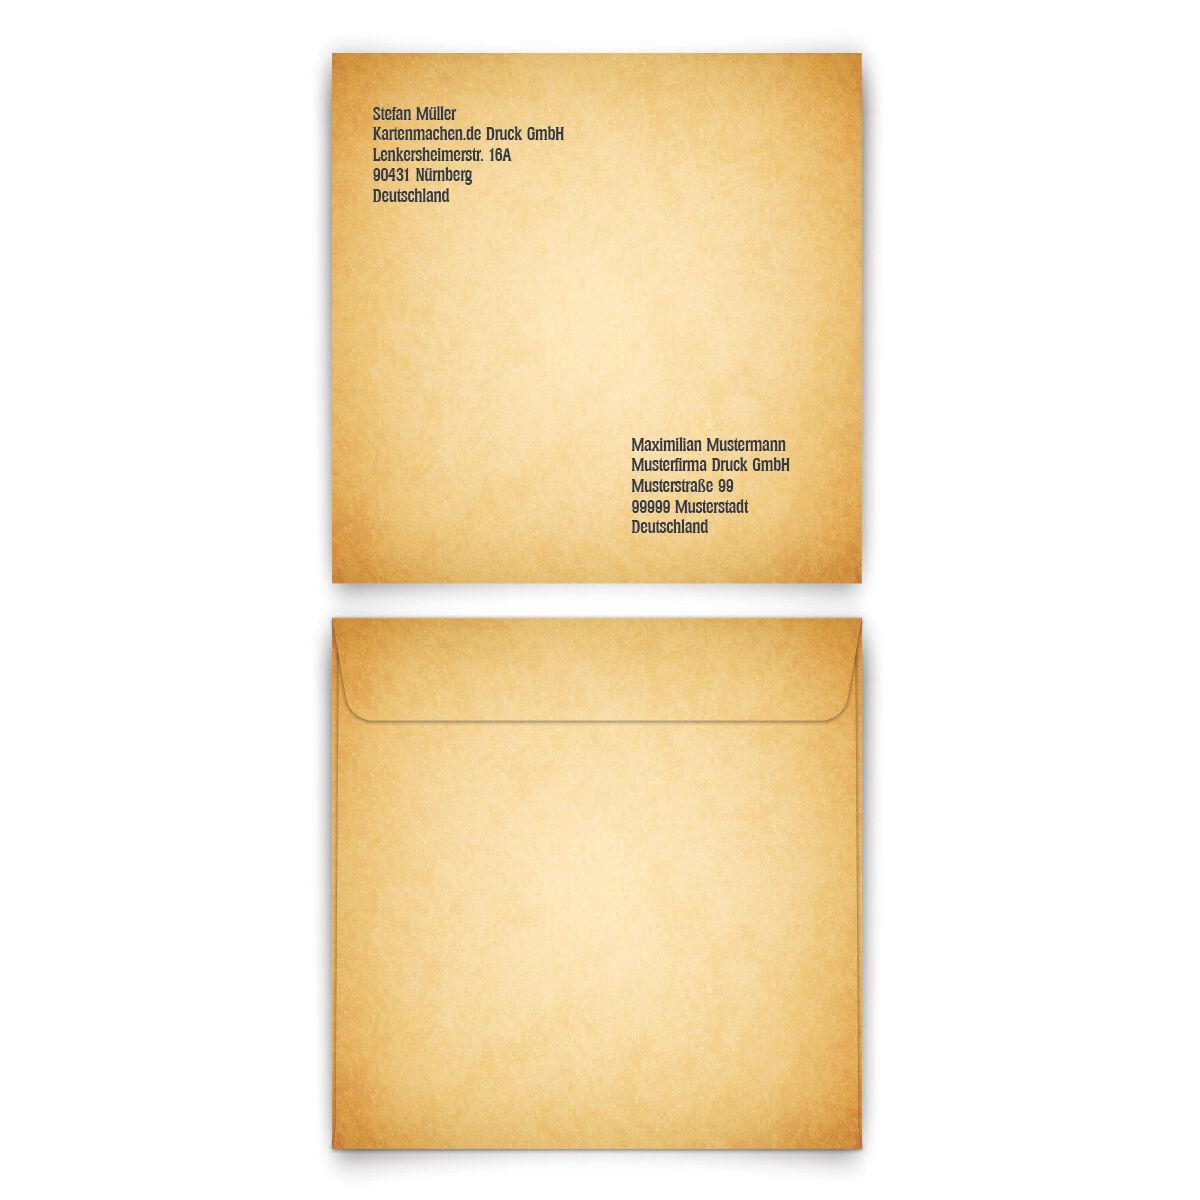 Personalisierte Briefumschläge - Vintage  Gothic  - Quadrat 155 x 155 mm | Geeignet für Farbe  | Elegant Und Würdevoll